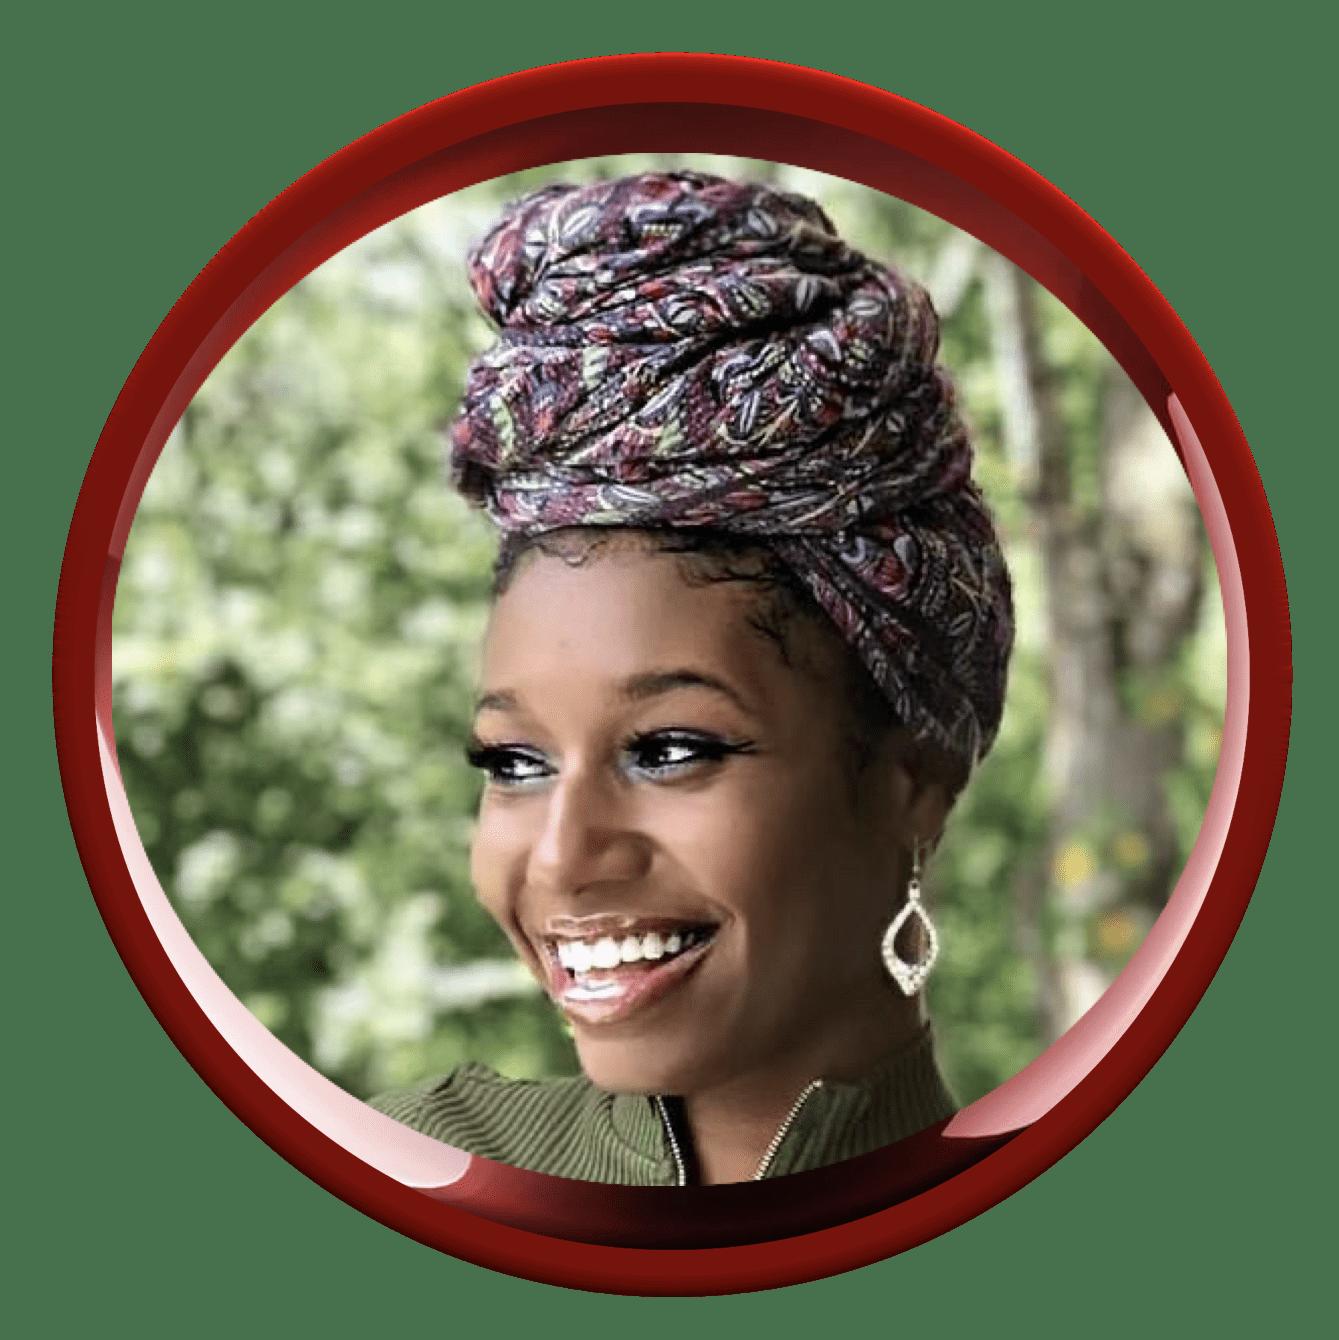 Kymora Simone